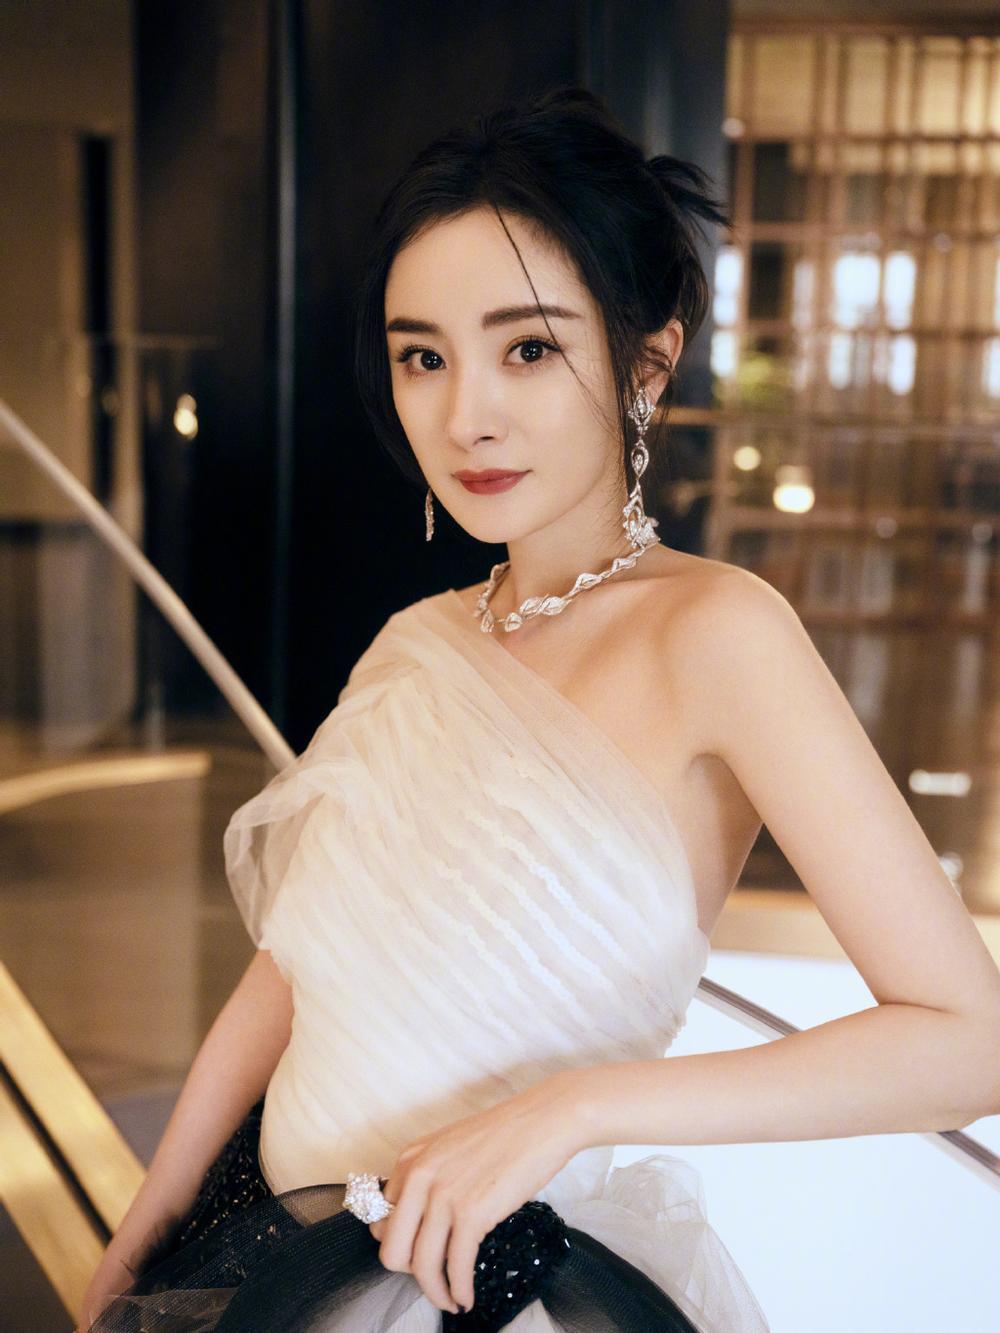 Top 10 sao Cbiz ảnh hưởng nhất MXH tháng 4: Dương Mịch bám sát Tiêu Chiến, Lộc Hàm - Cung Tuấn tụt hạng Ảnh 2